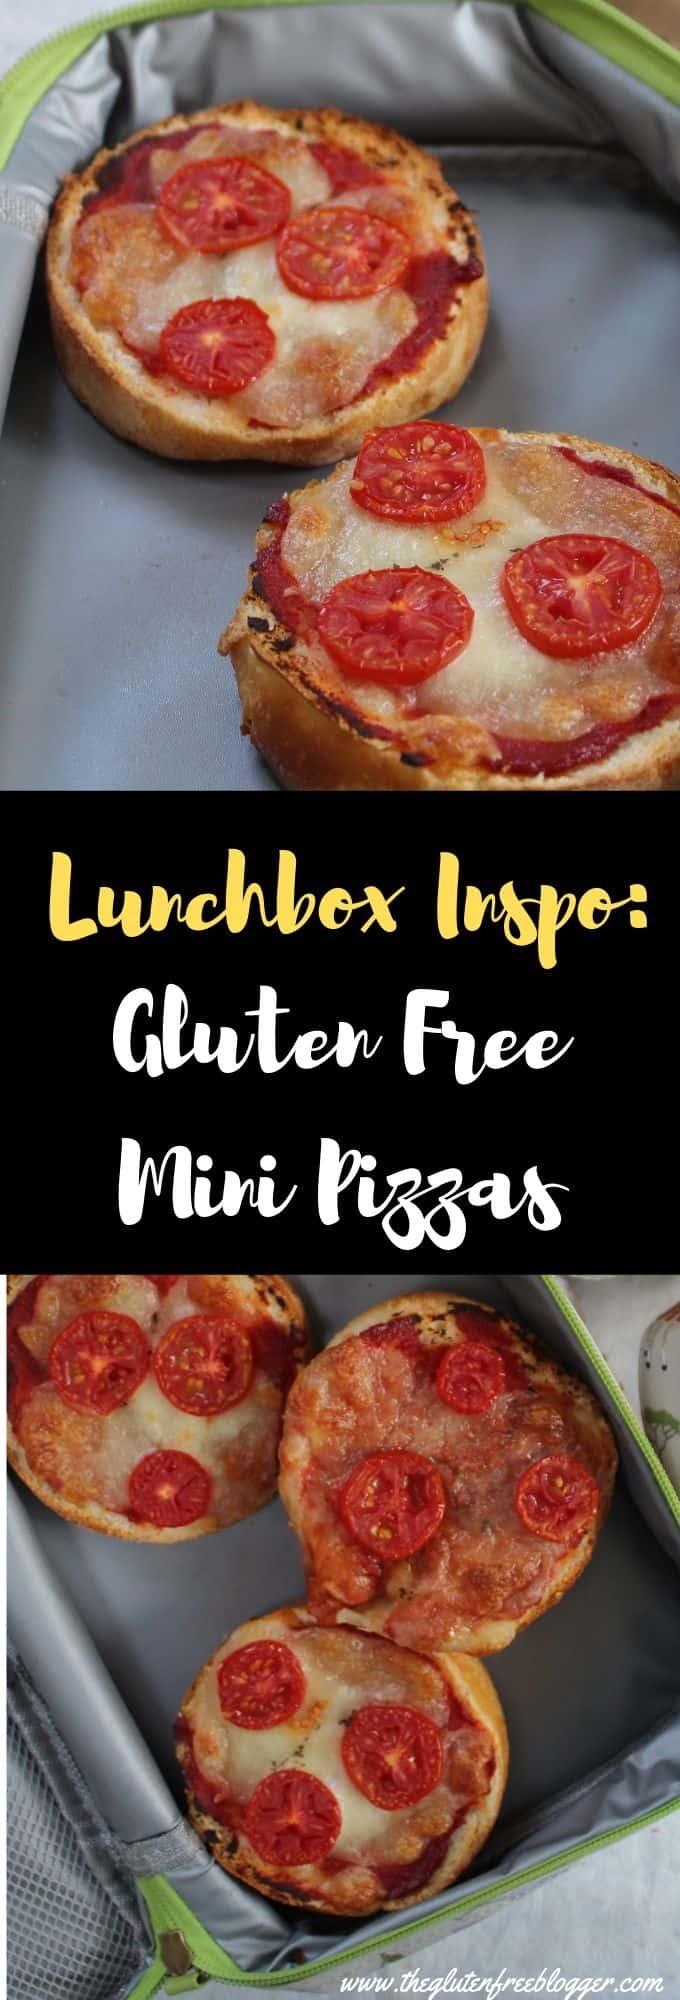 gluten free lunchbox ideas - gluten free children, coeliac children, lunch ideas for kids mini pizzas